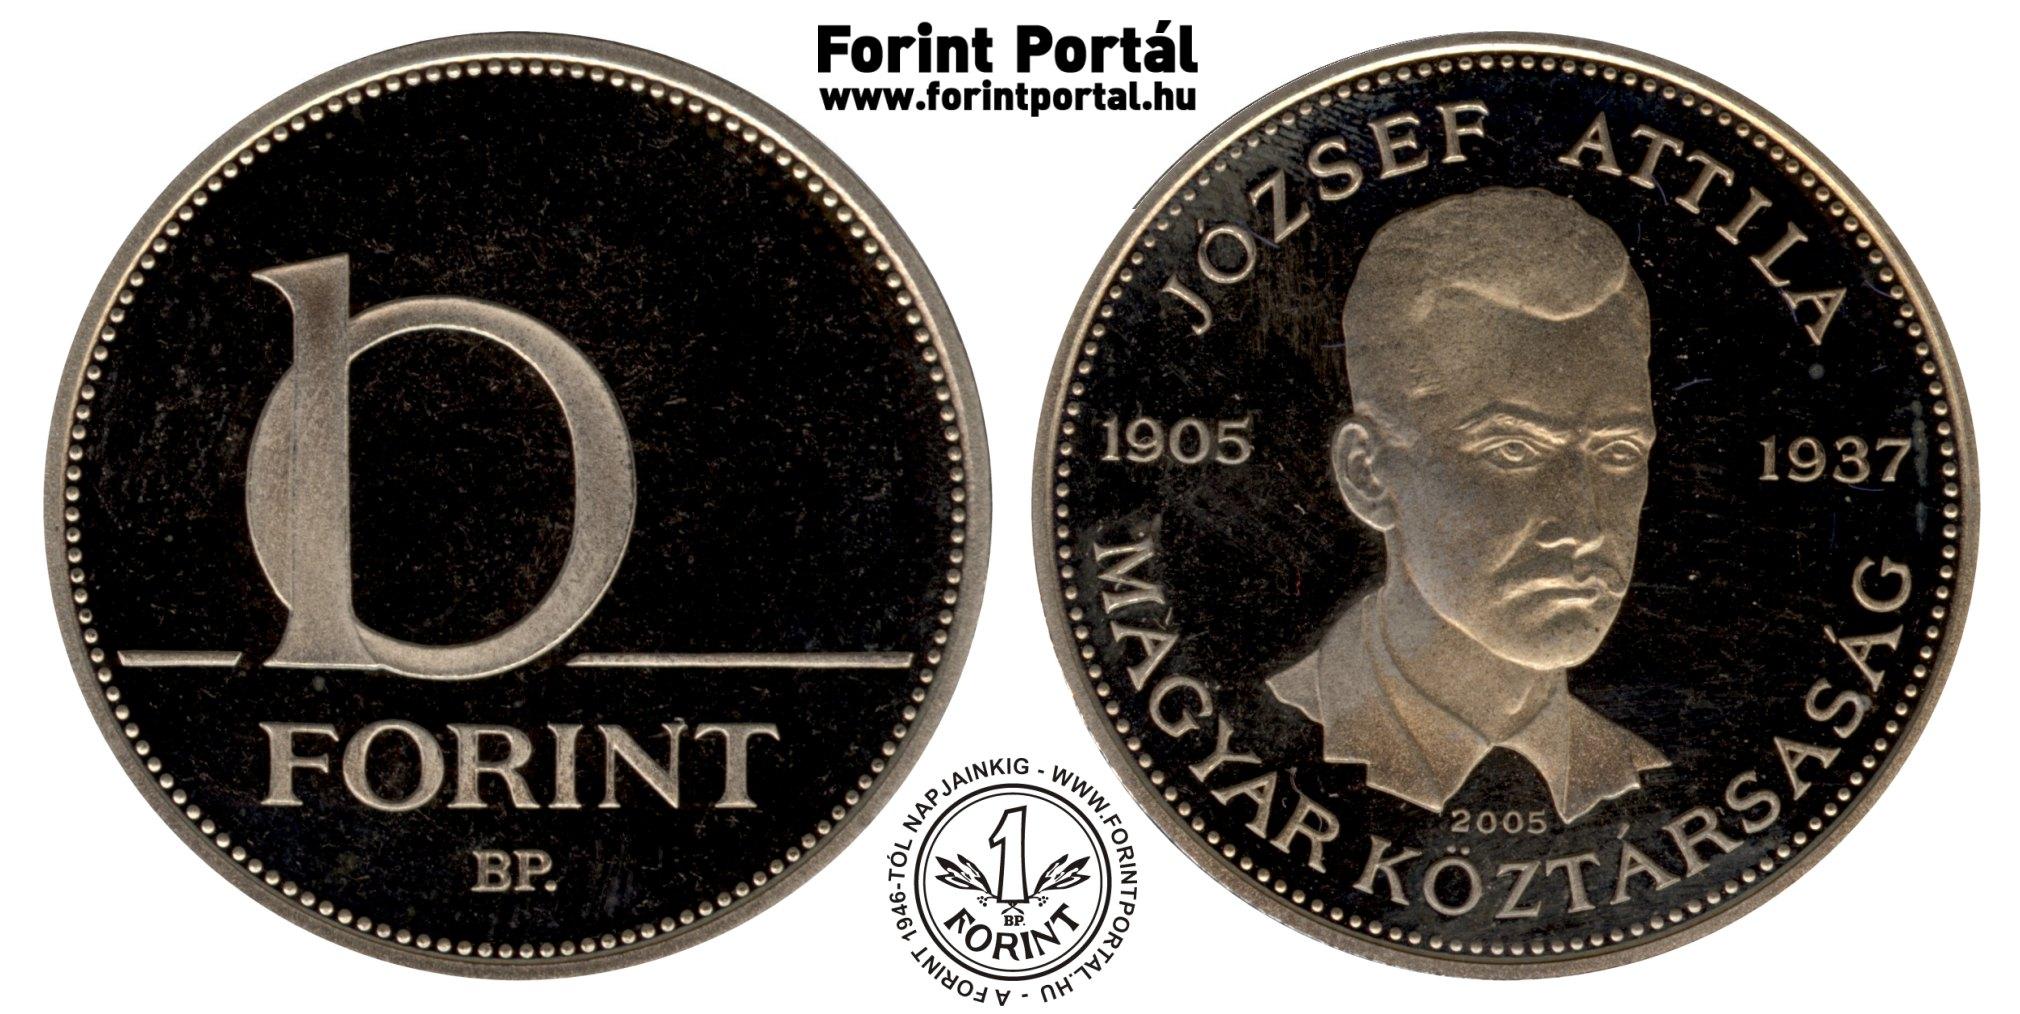 http://www.forintportal.hu/ritkasagkatalogus/10_forint/www_forintportal_hu_2005_10forint_jozsef_attila_pp.jpg